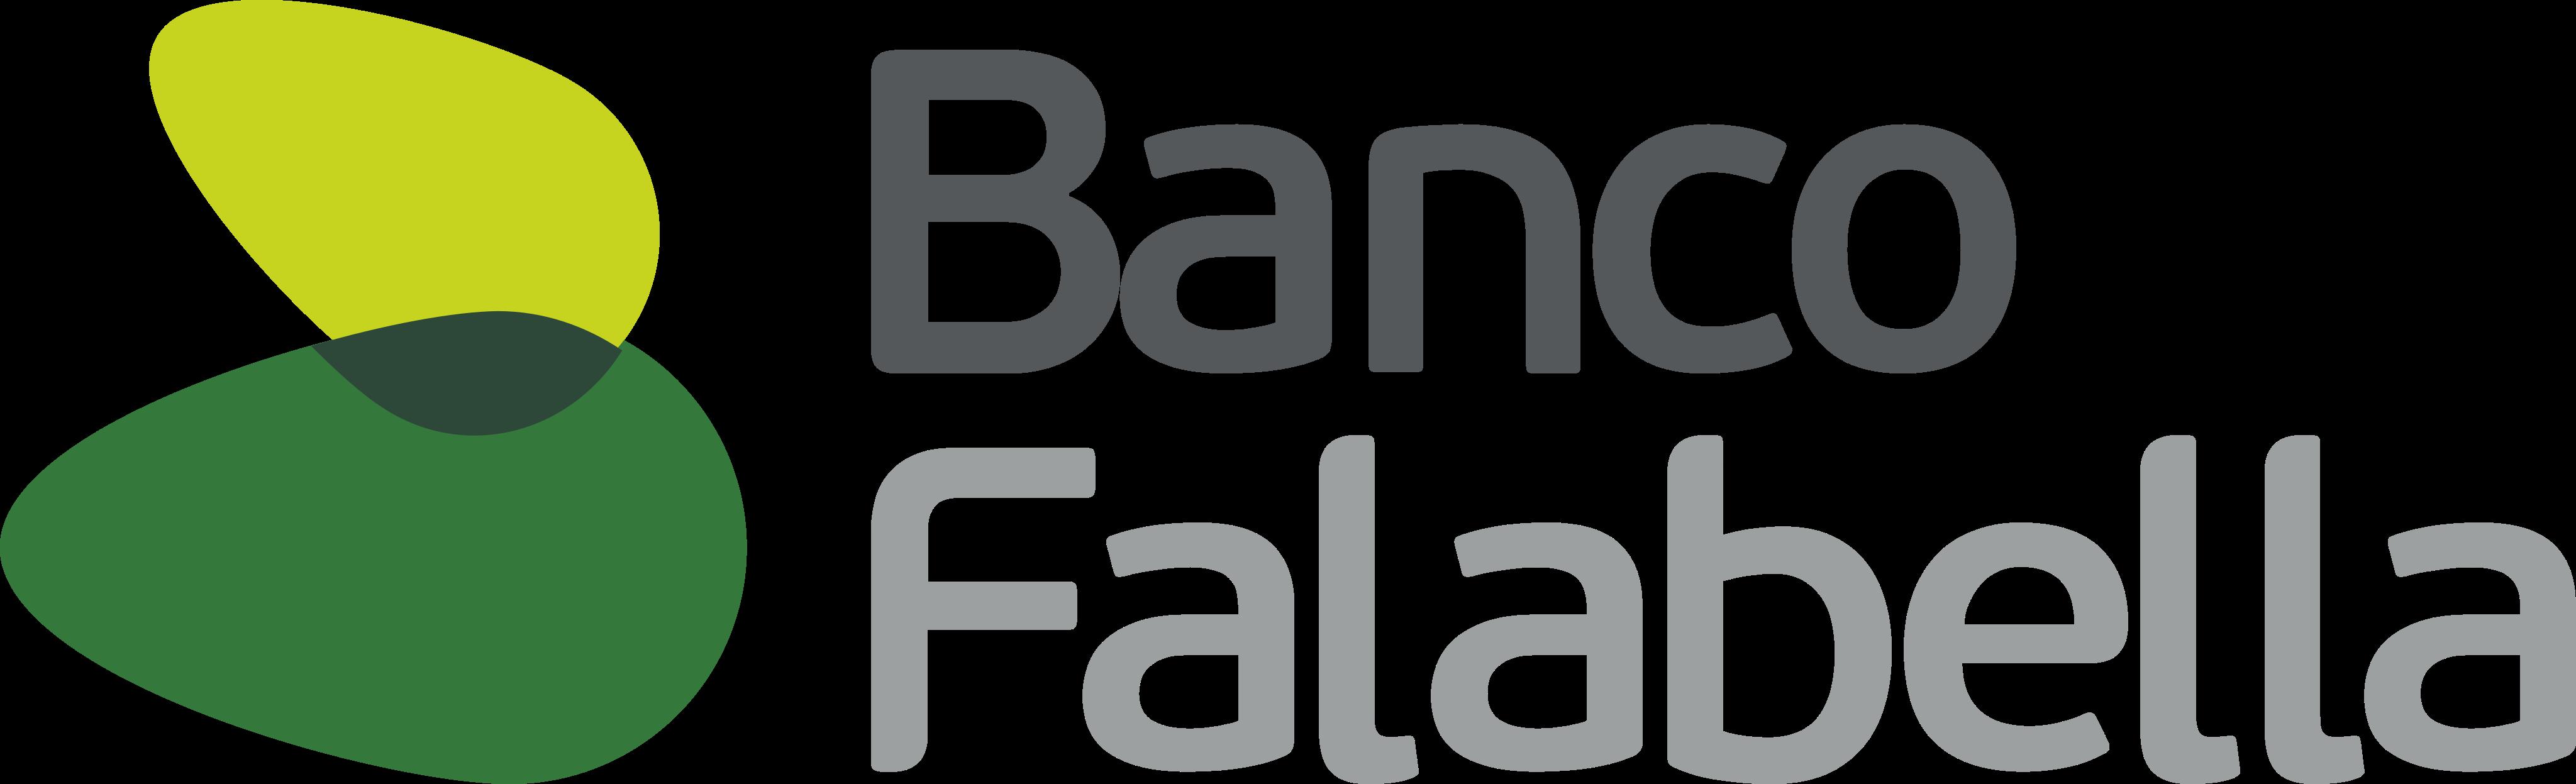 Banco Falabella Logo.